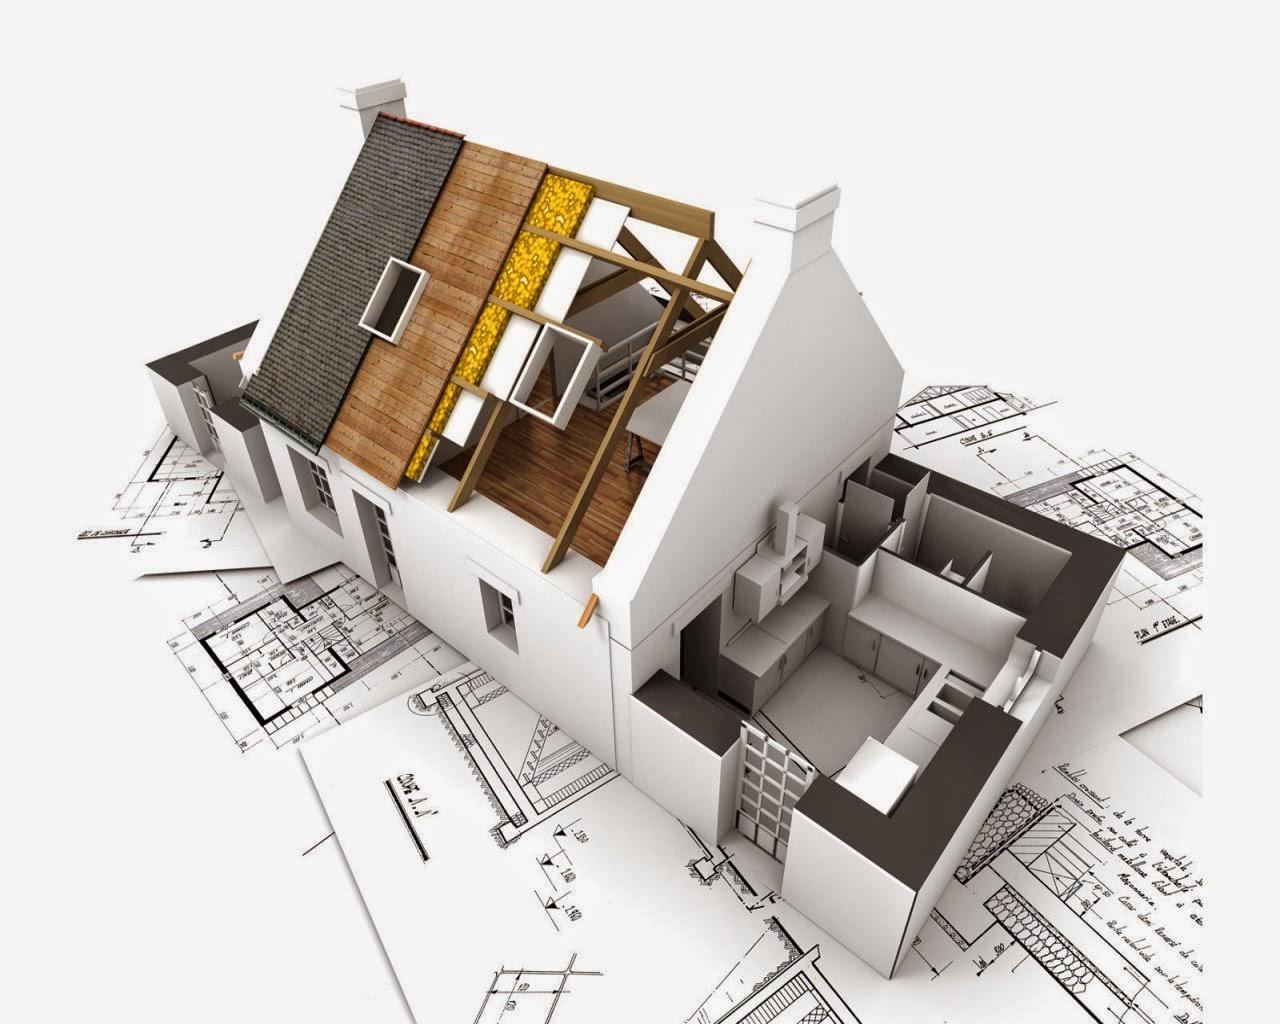 Jenis-jenis Konstruksi, Pengertian Industri Konstruksi, Perkembangan Industri Konstruksi, Prospek Industri Konstruksi Indonesia